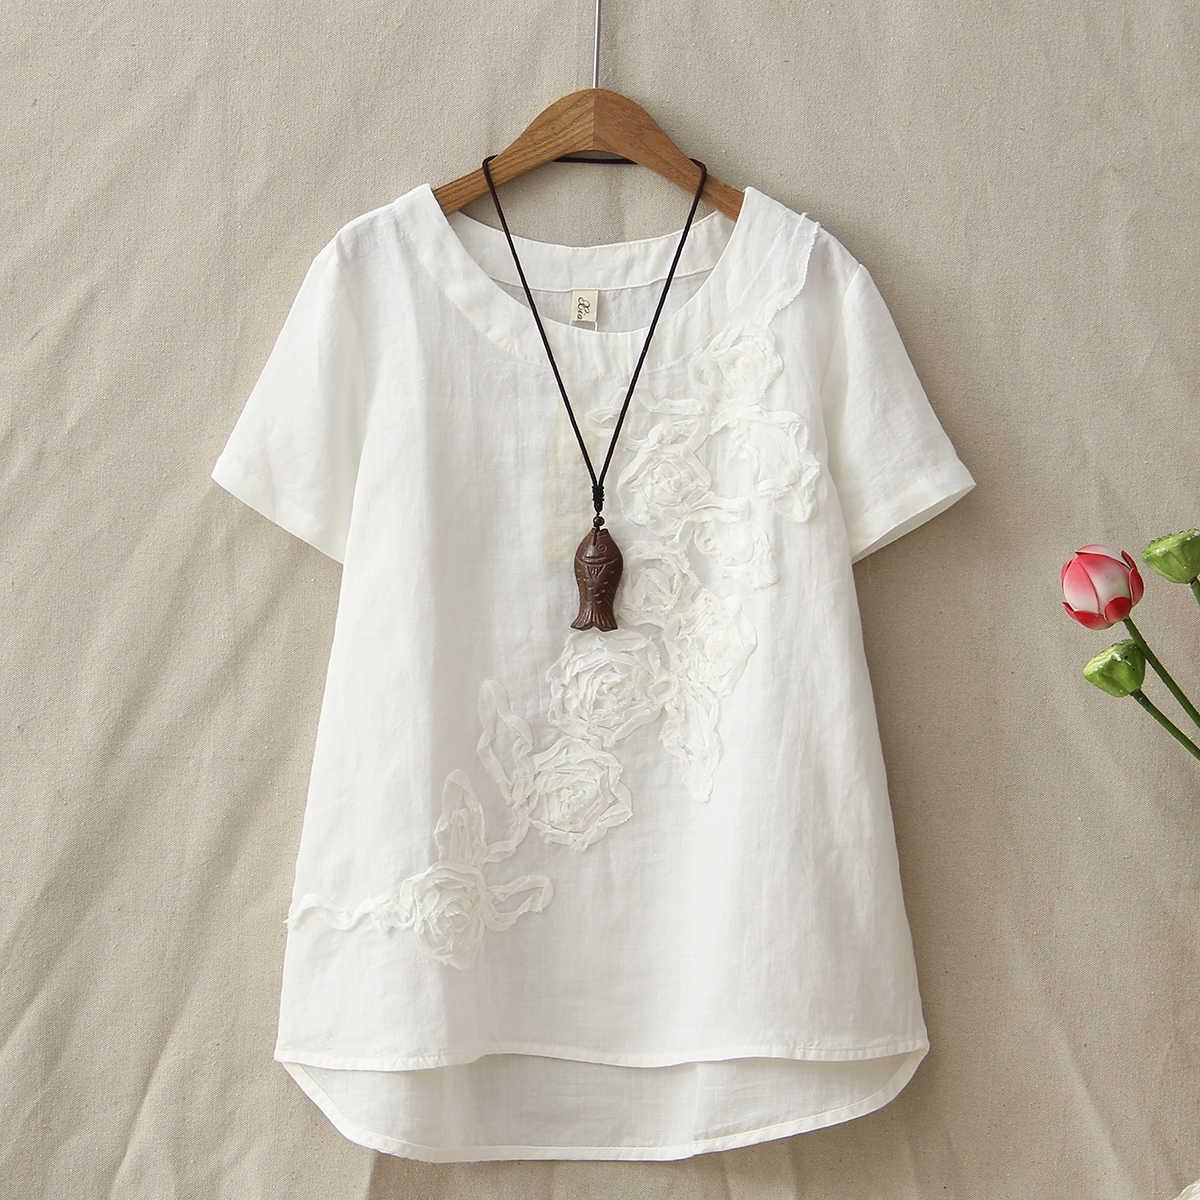 Летняя новая хлопковая и льняная футболка женская с коротким рукавом модная Цветочная вышивка Топы женские футболки нерегулярная одежда